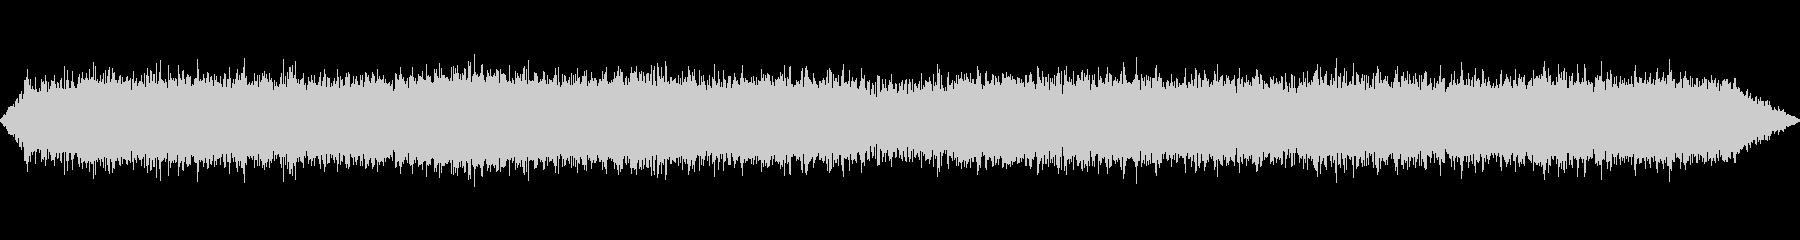 工場環境音01(ゴー)の未再生の波形